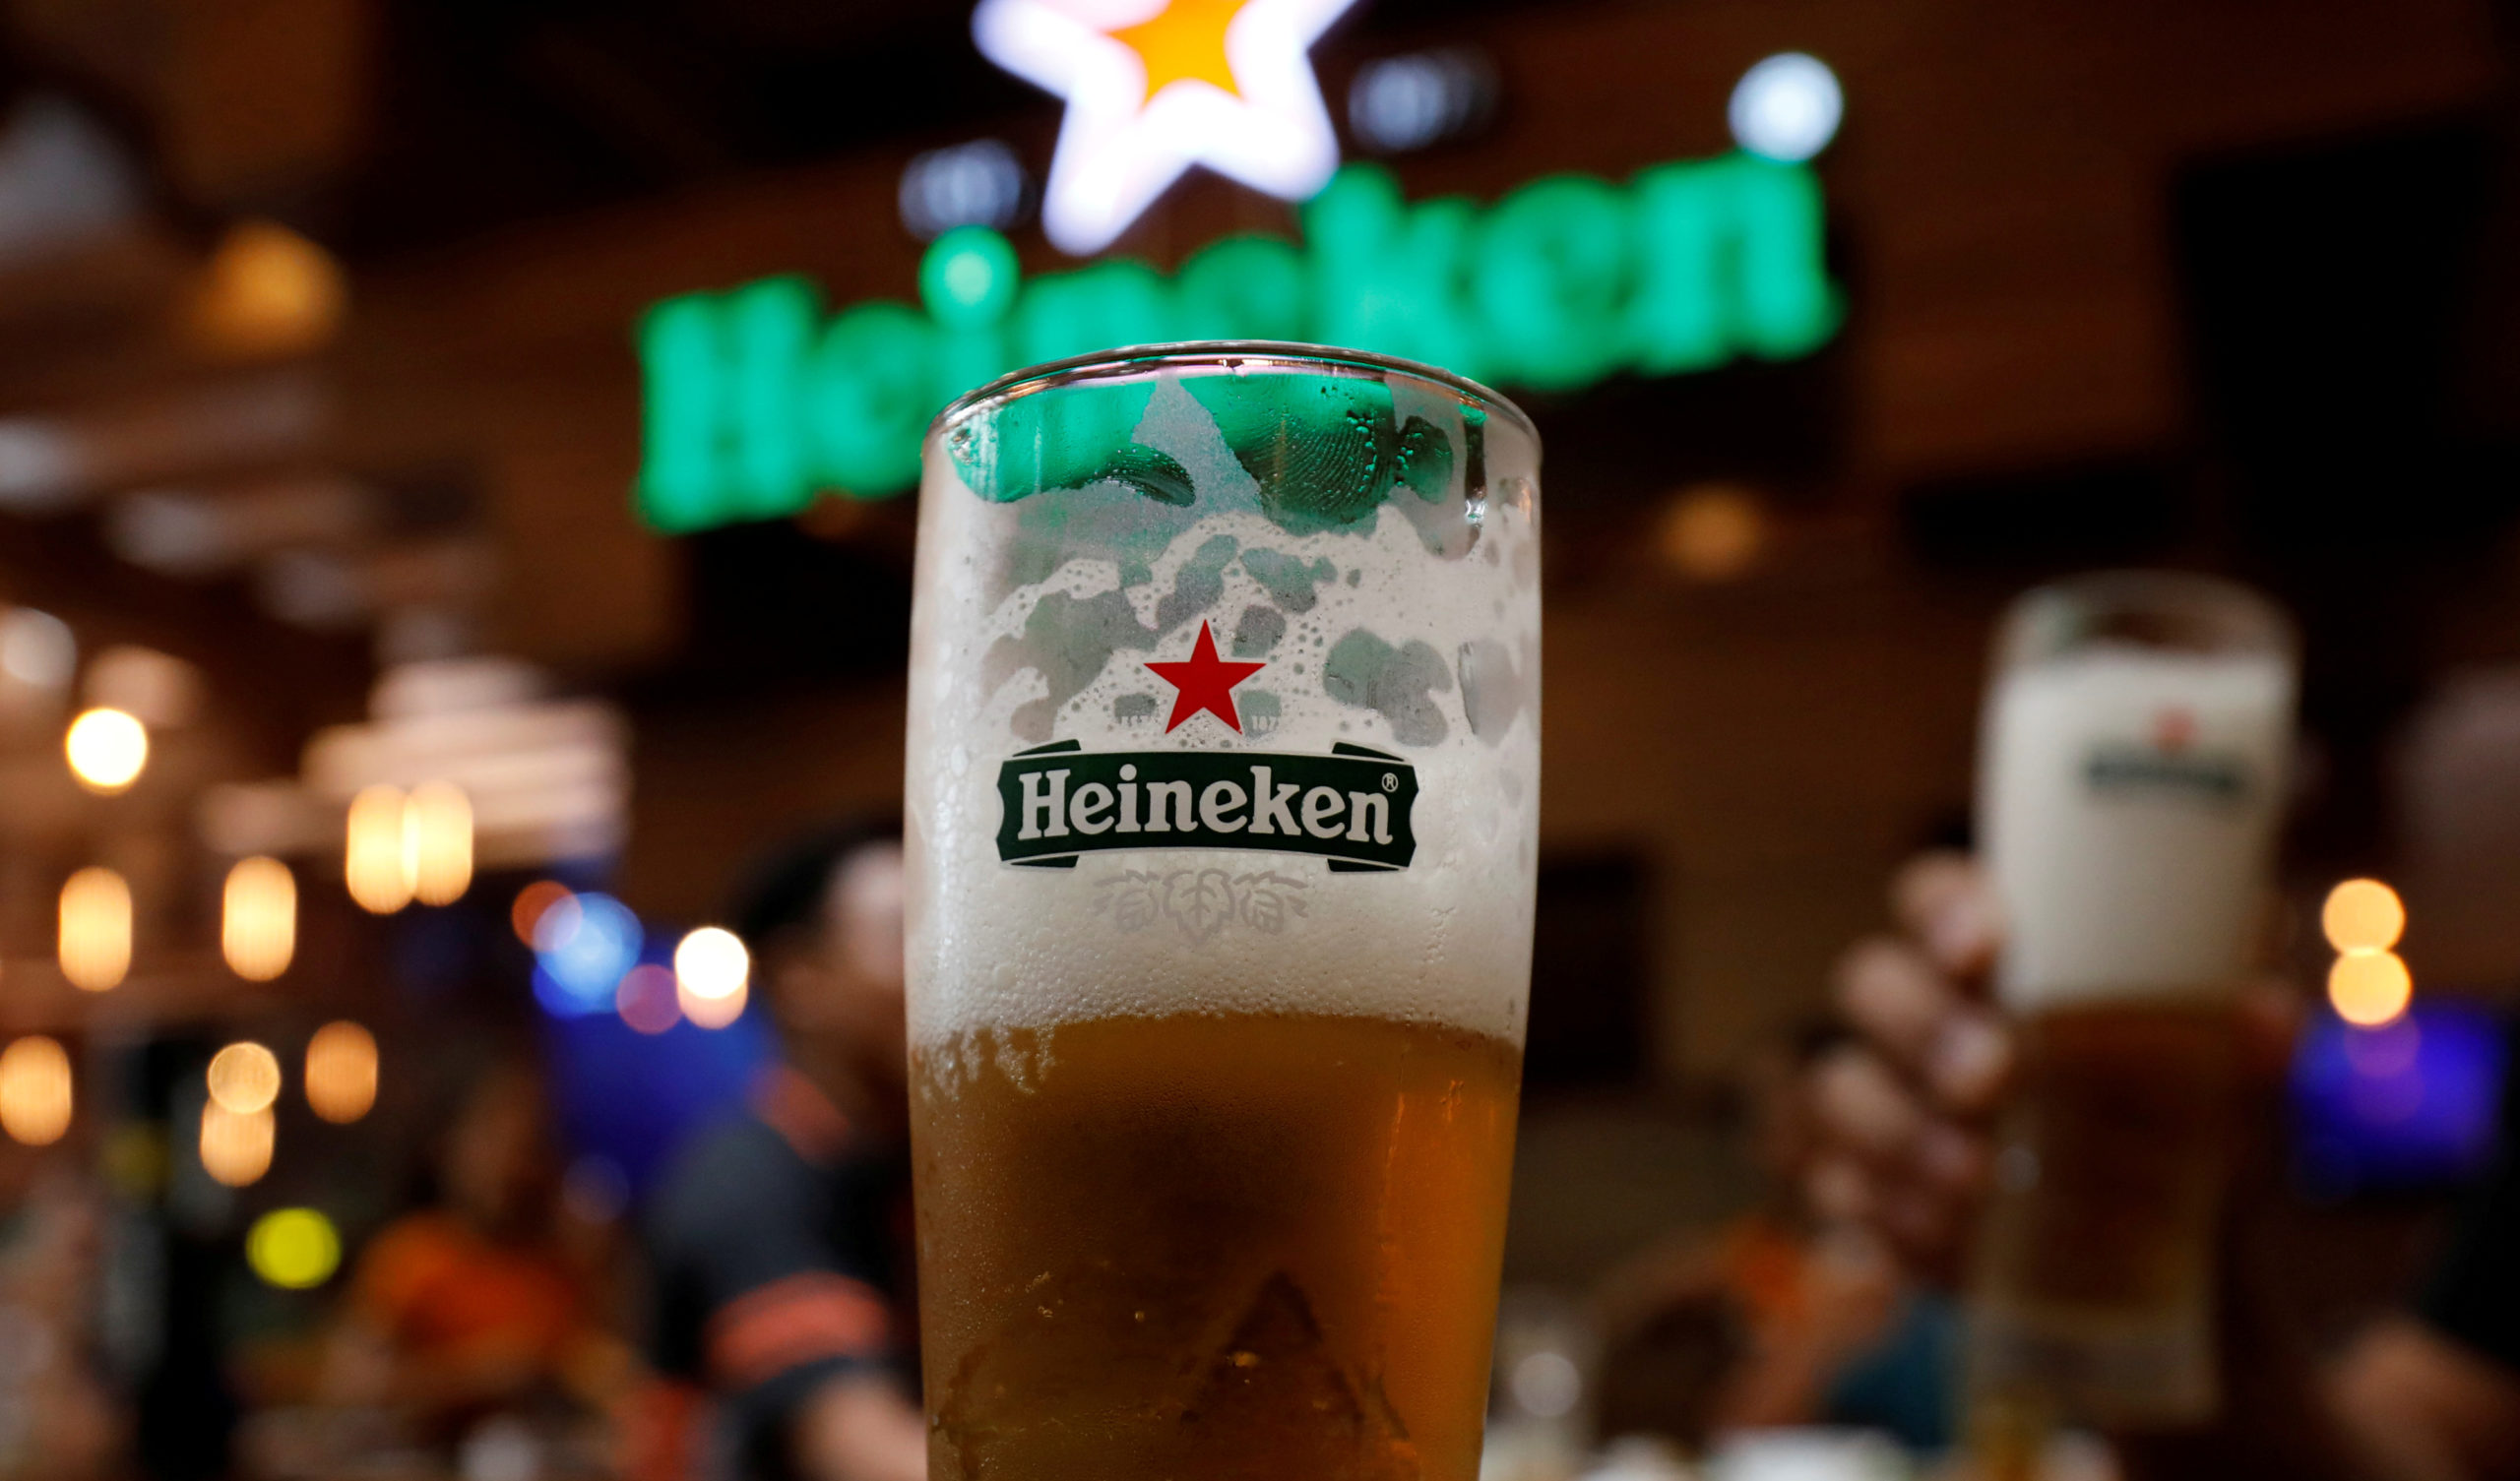 Gracias a la reapertura de restaurantes y cafés, Heineken reporta beneficios